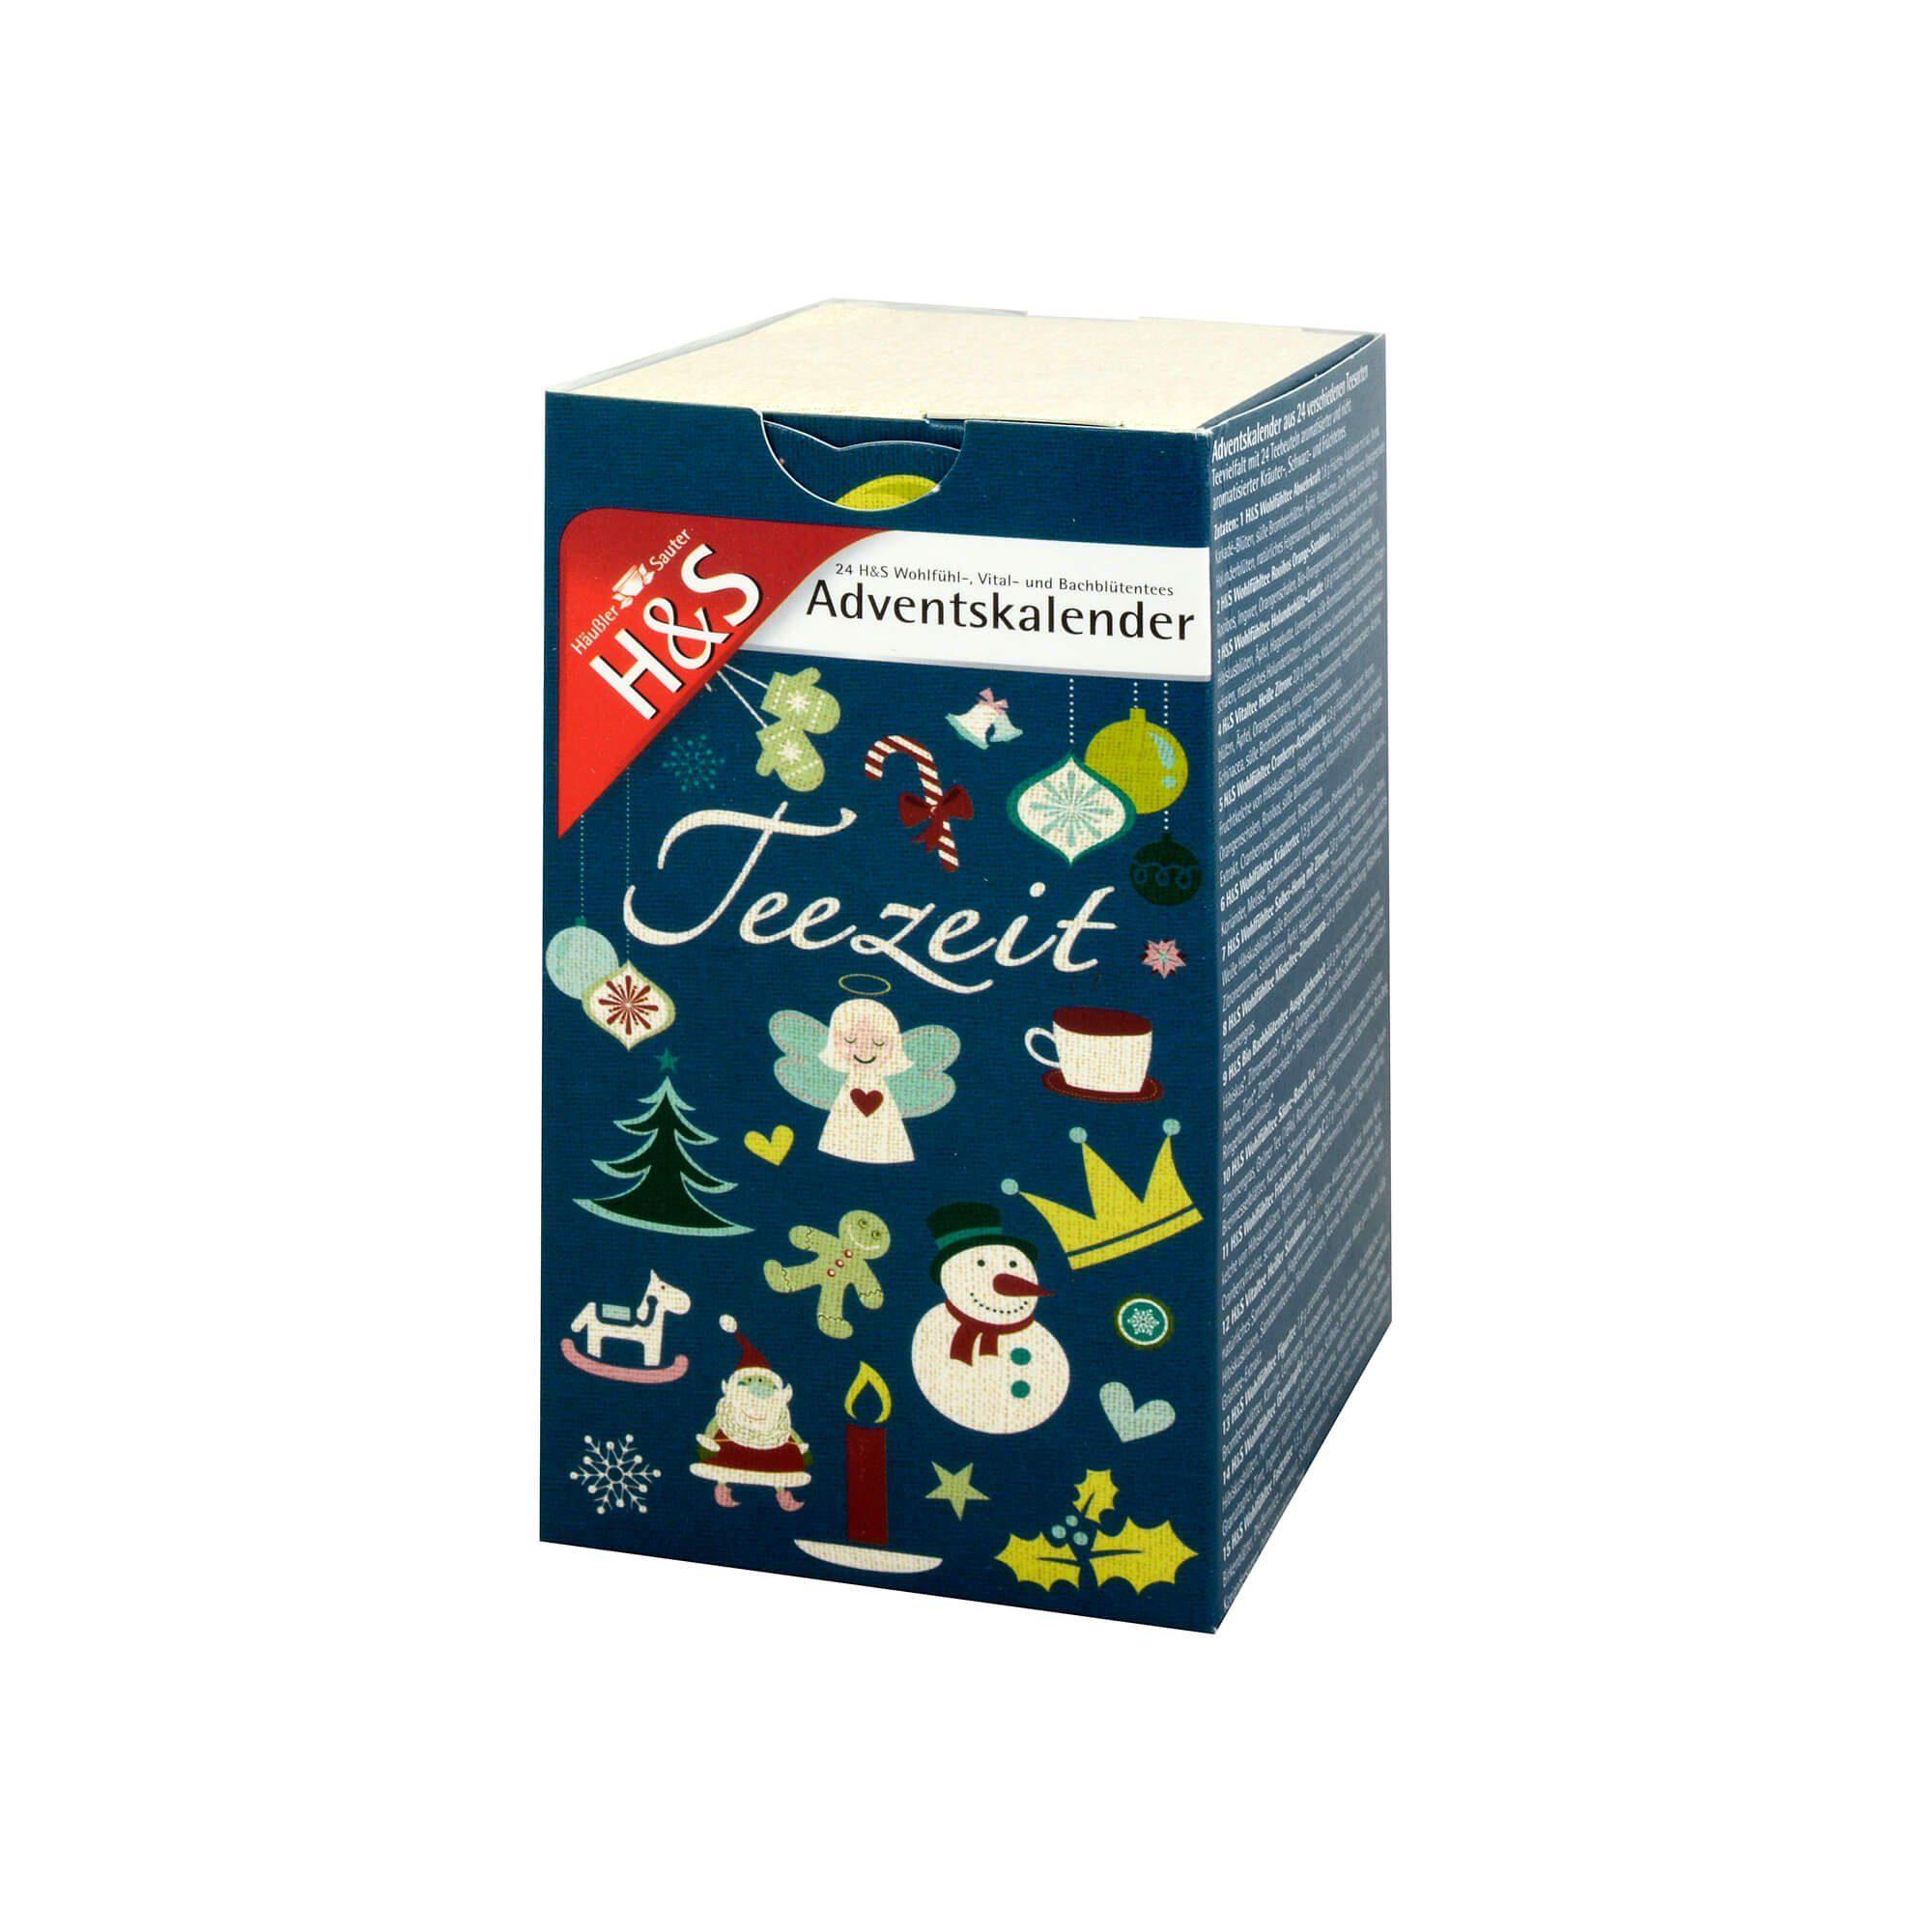 H&S Teezeit Weihnachtstees , 24 St